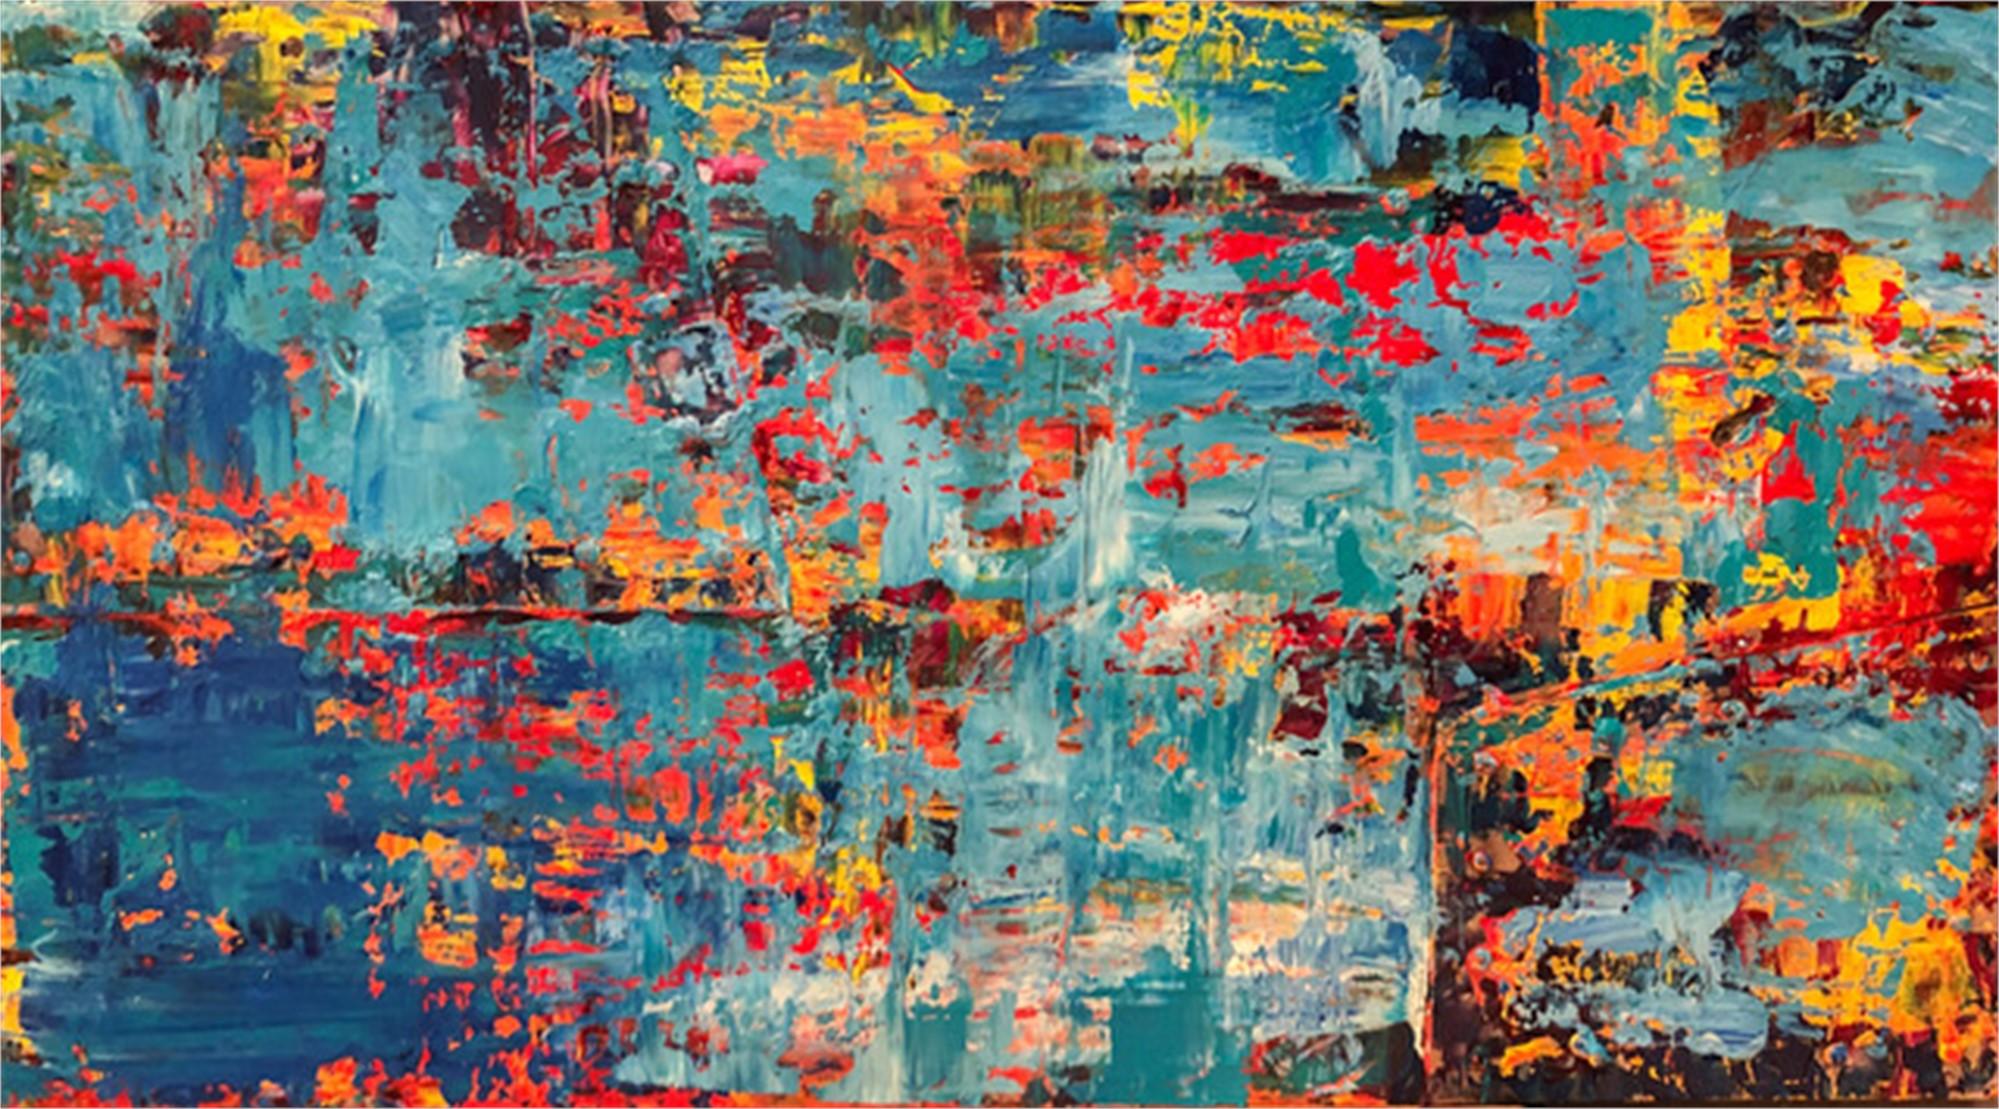 Hybrid by Andrea Kreeger